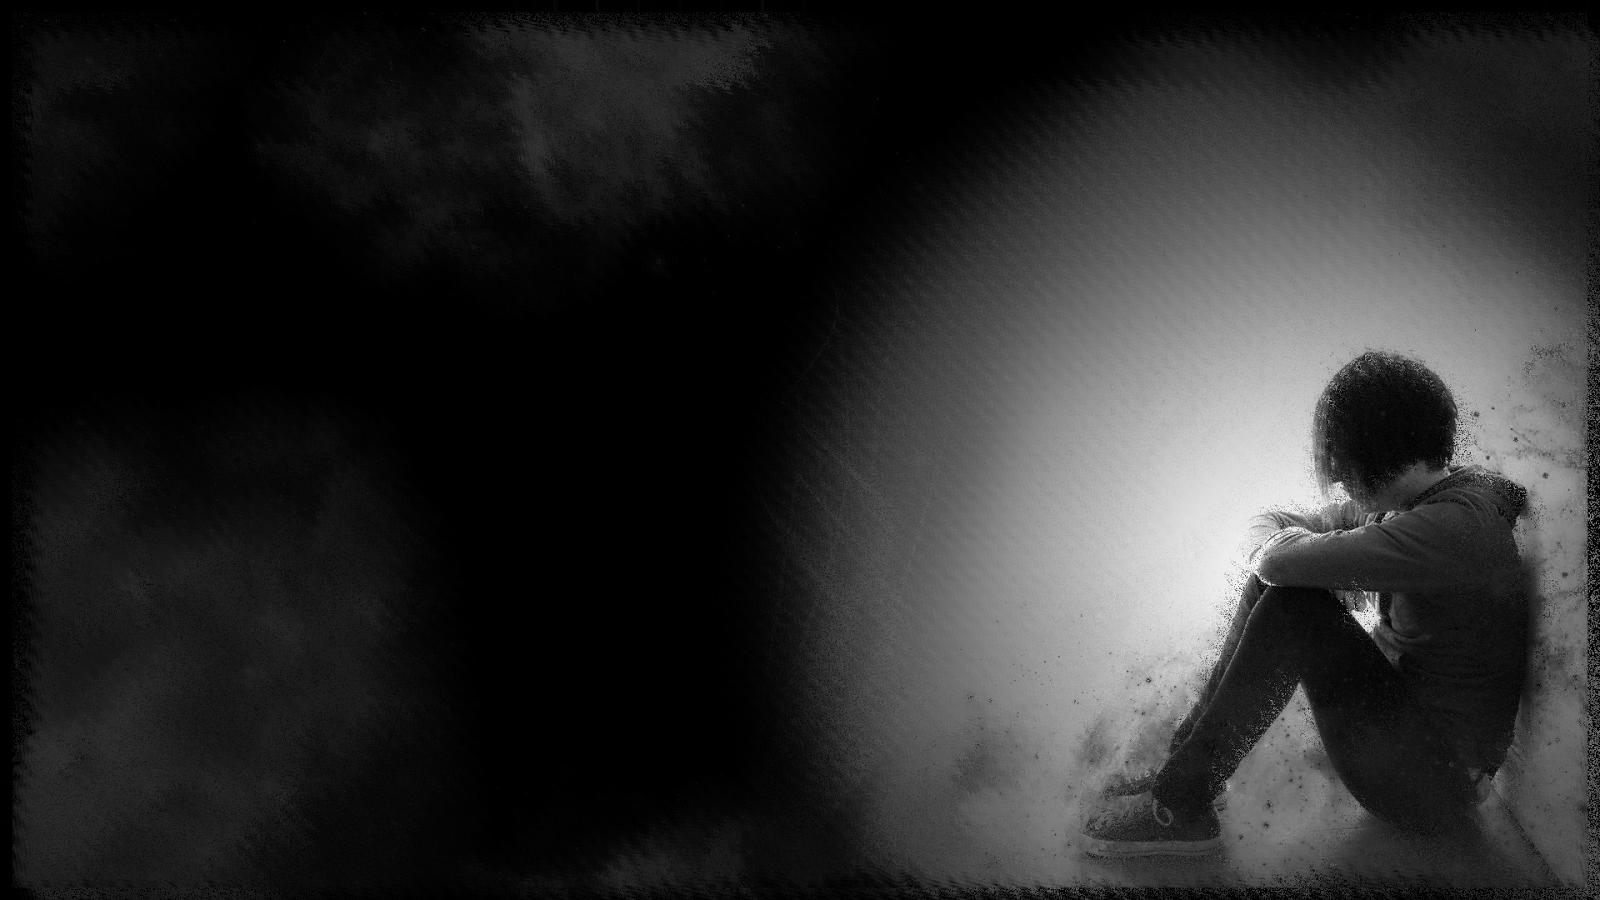 Depressão, as trevas da alma